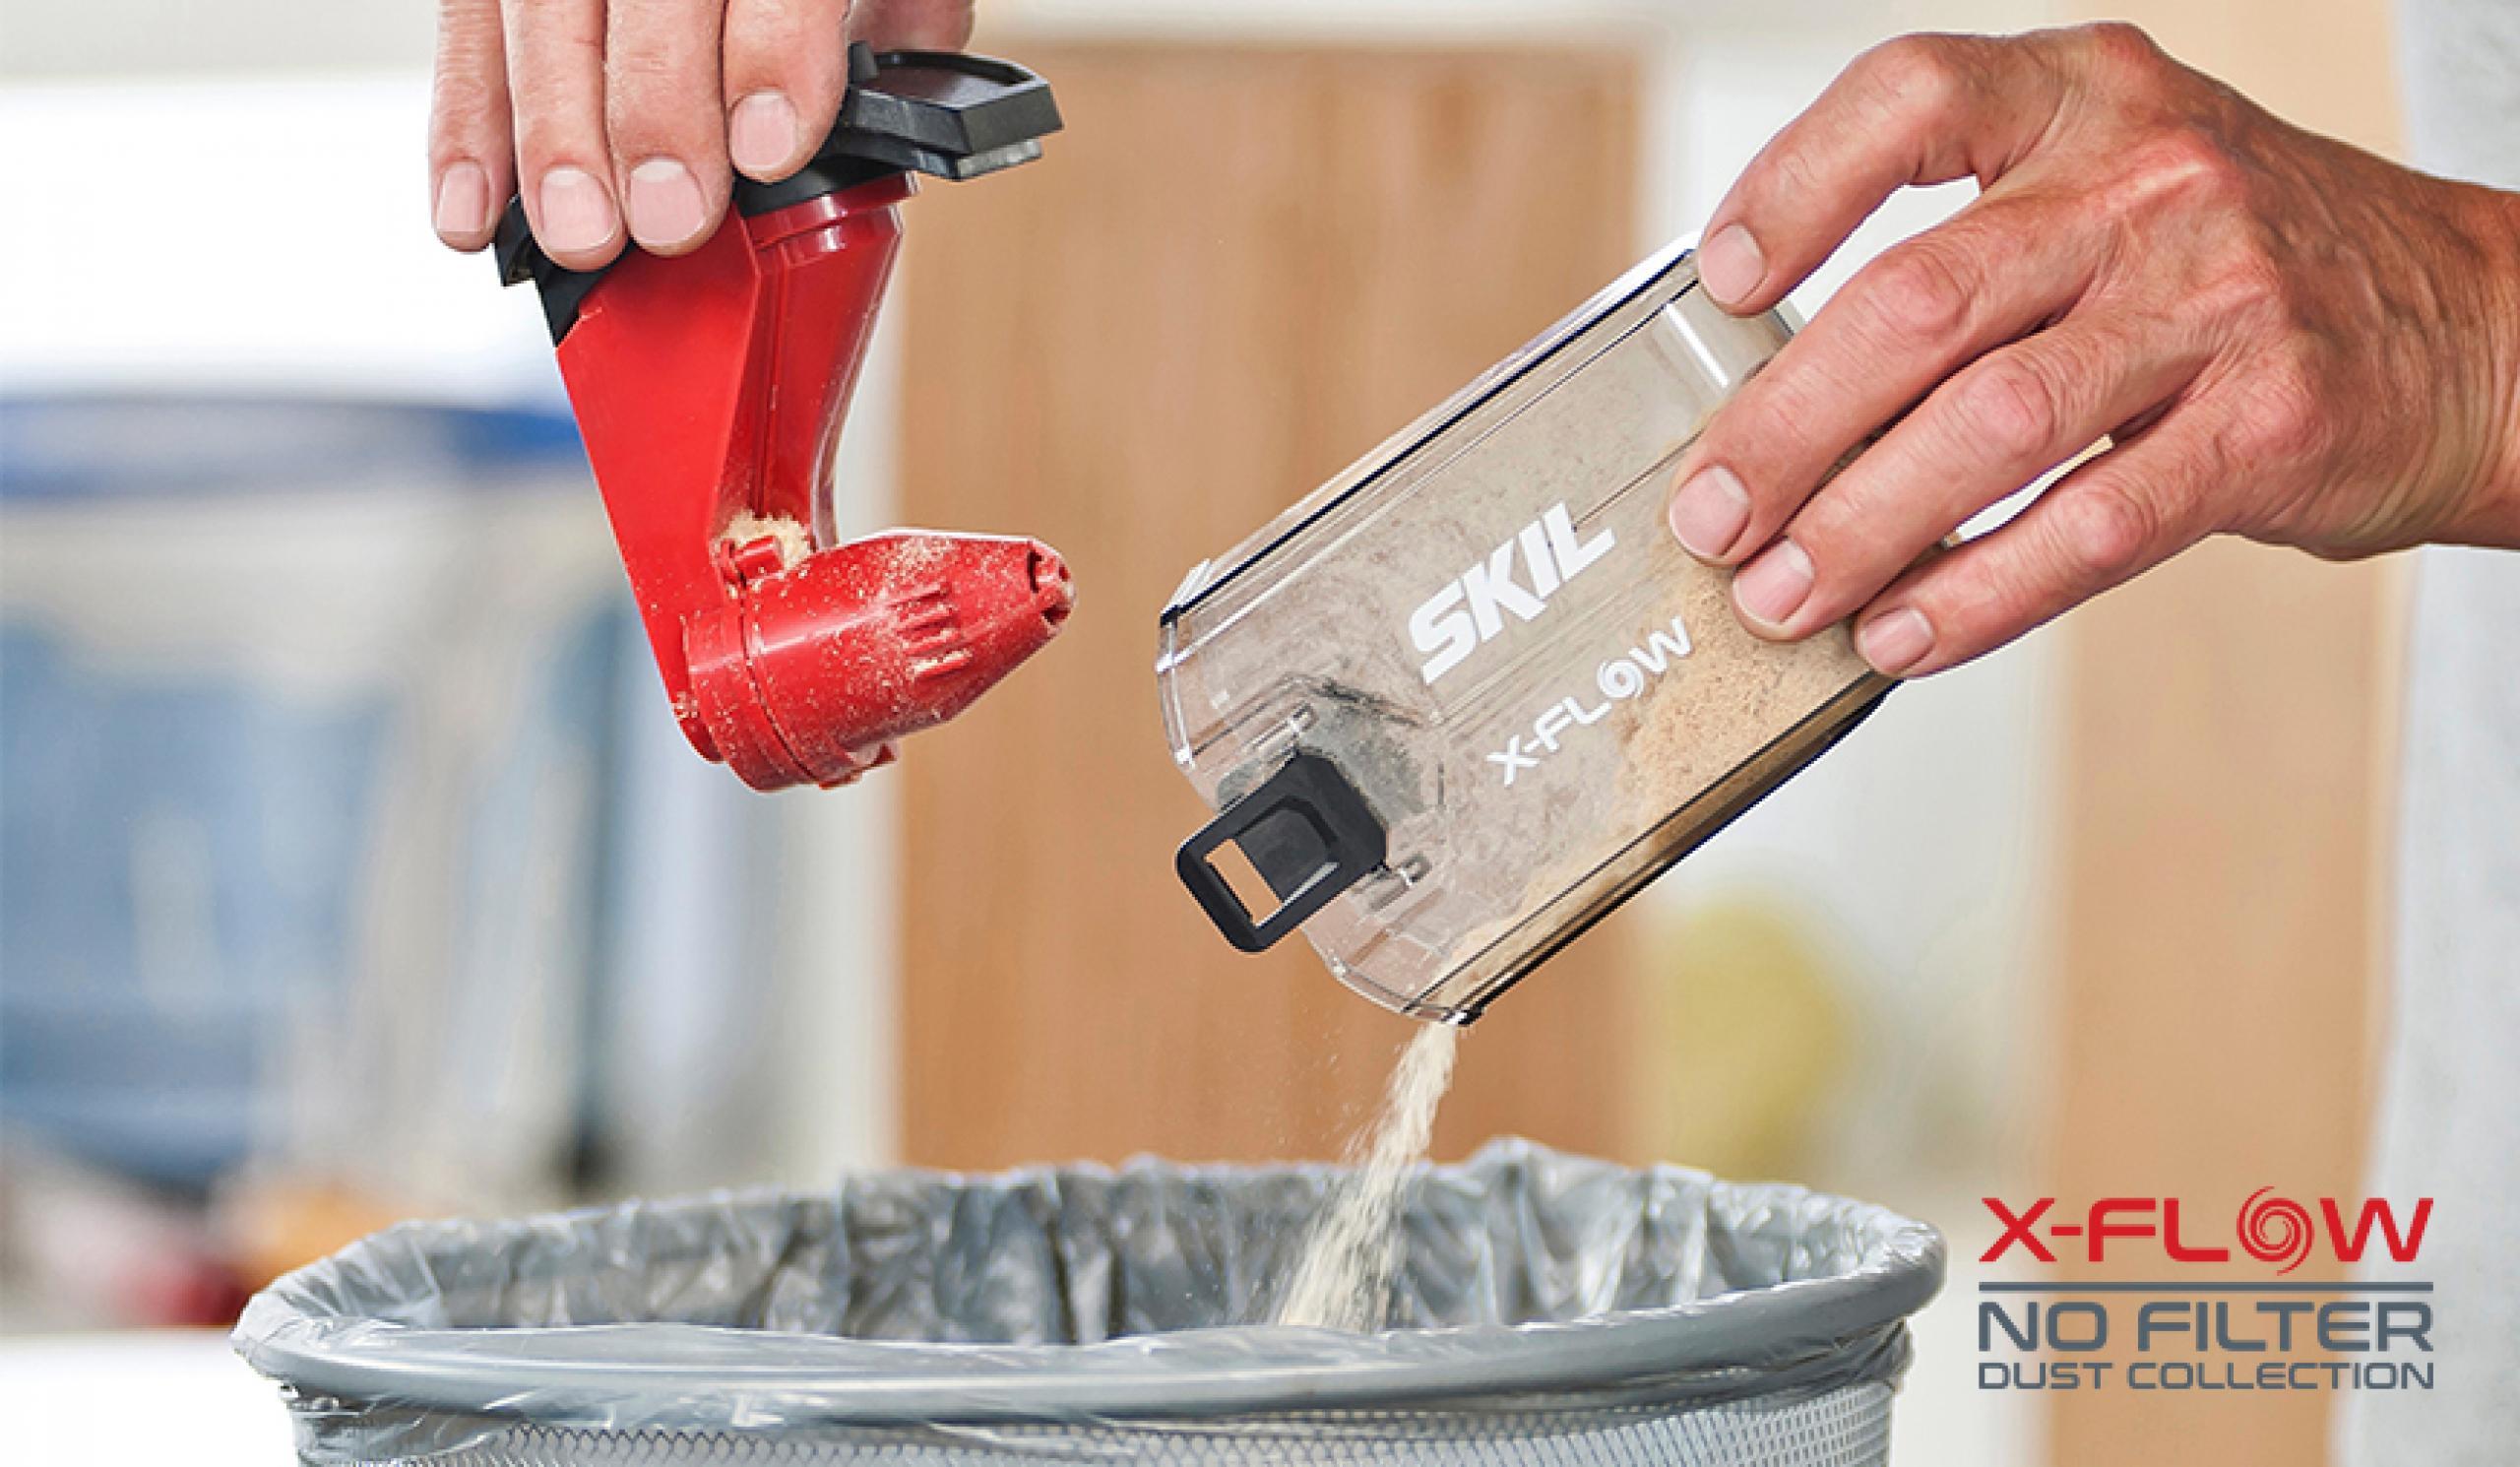 X-Flow obezbeđuje snažno usisavanje prašine bez zaprečenja